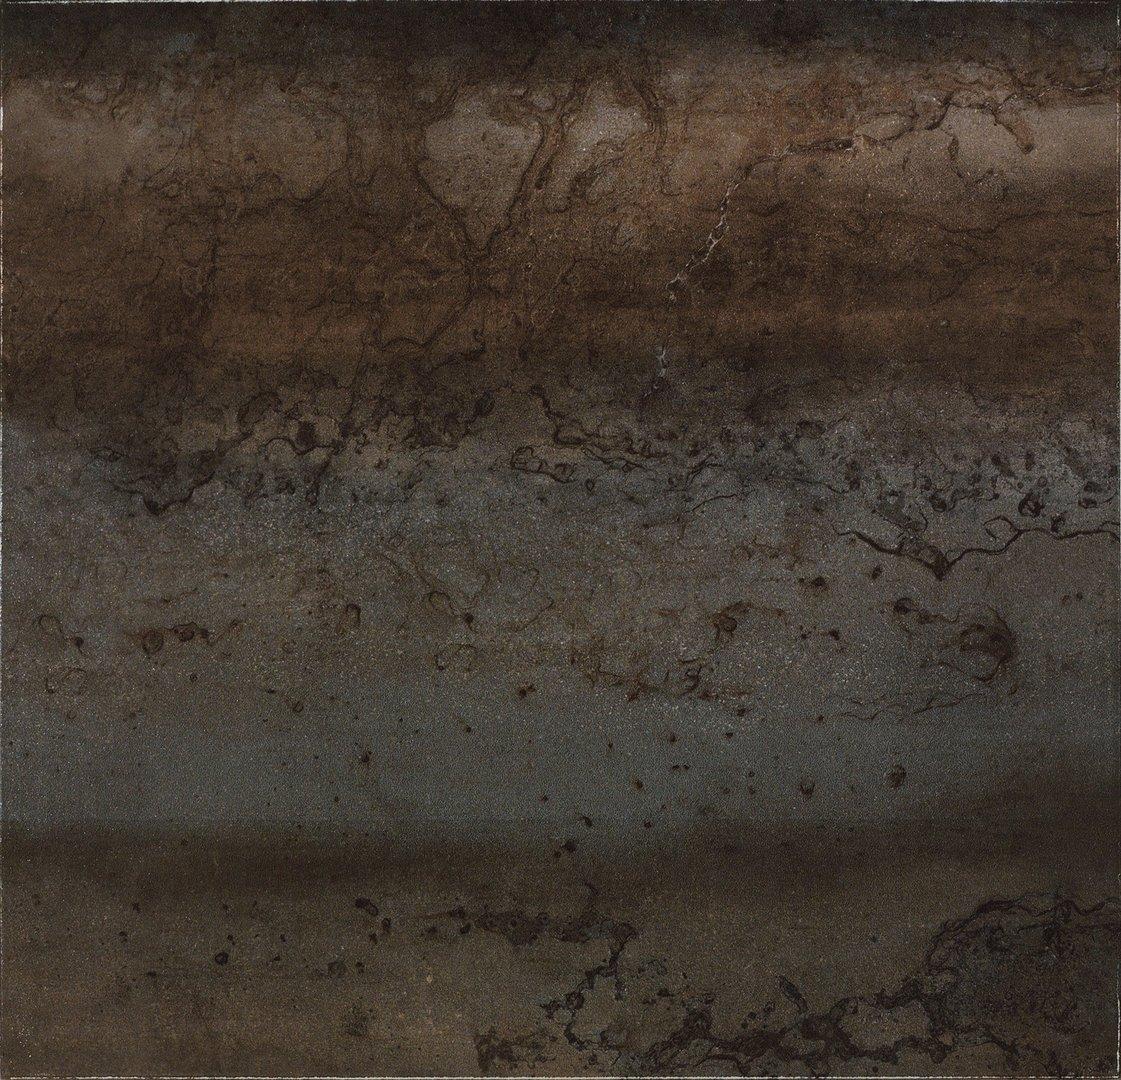 bodenfliese azteca cosmos lux oxido 60x60 cm g nstig kaufen. Black Bedroom Furniture Sets. Home Design Ideas